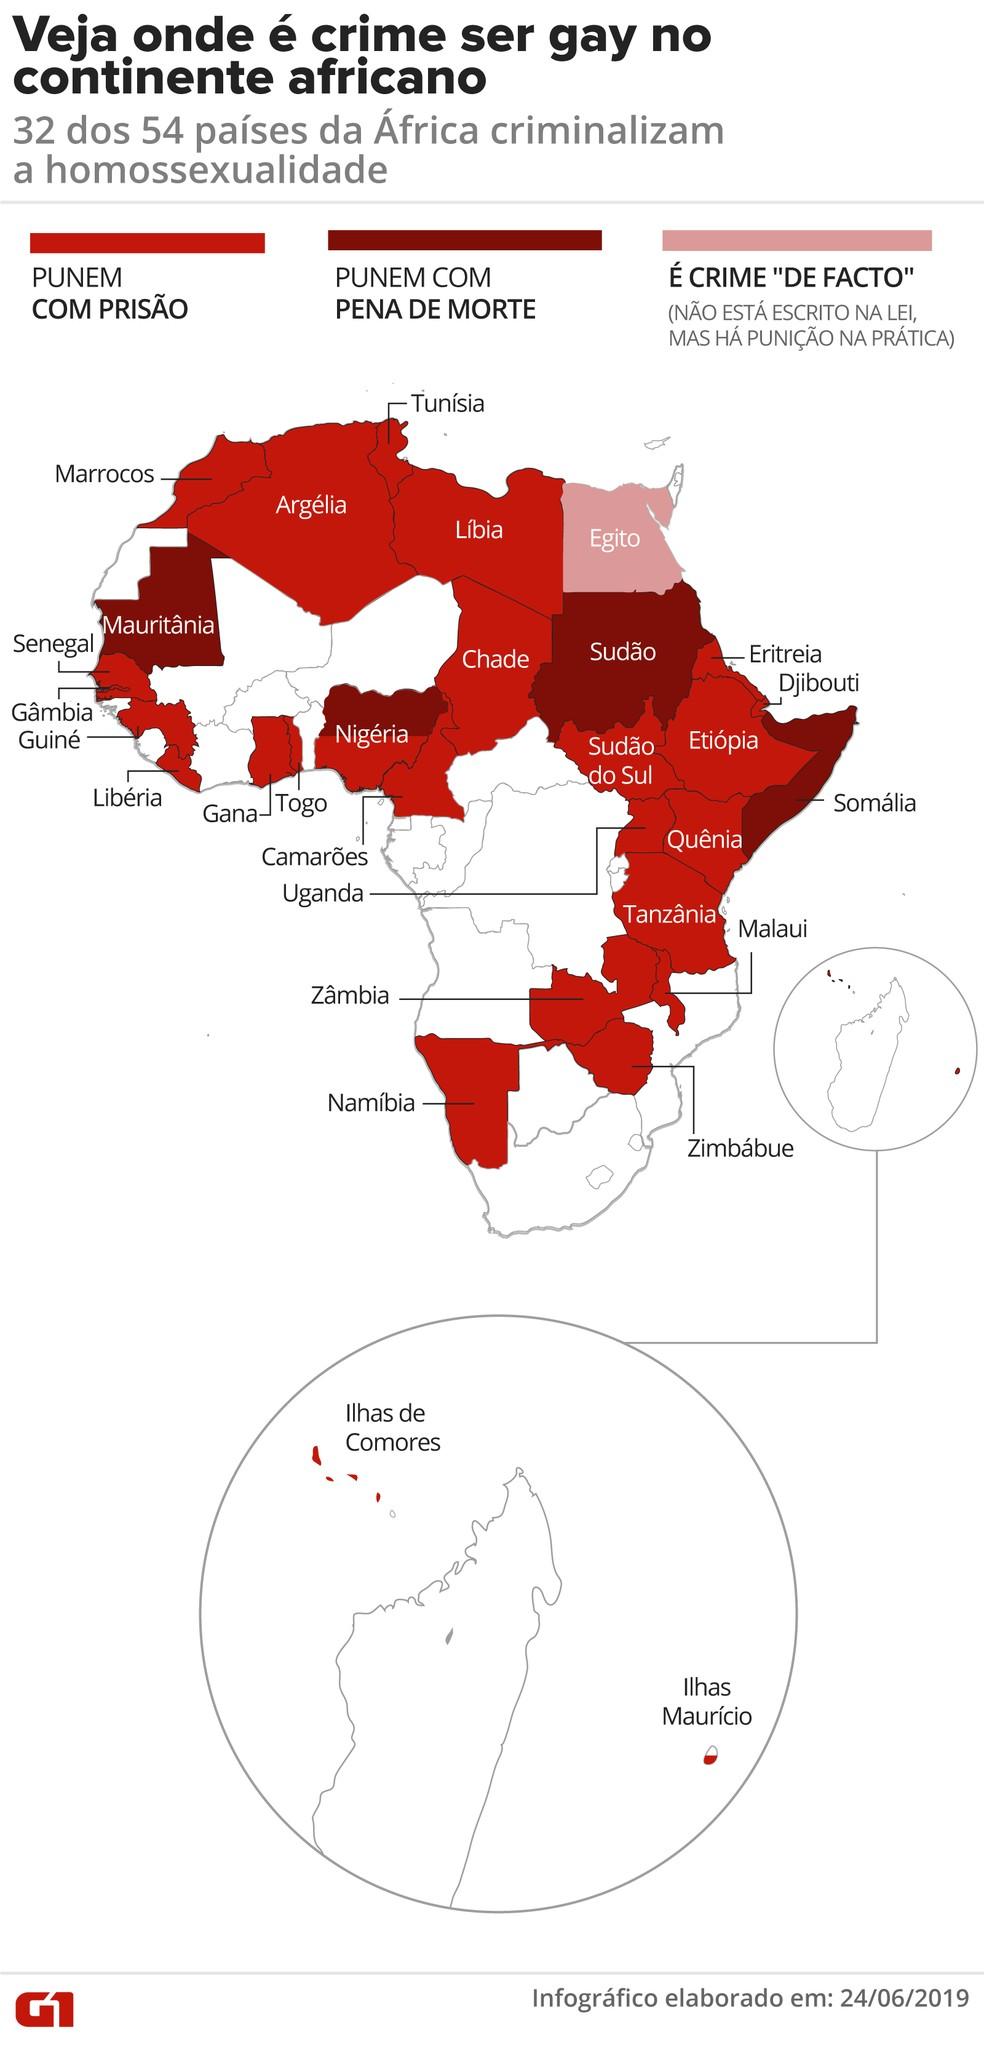 Ser gay ainda é crime em 32 dos 54 países da África, mesmo após a descriminalização em Botsuana — Foto: Juliane Monteiro/G1